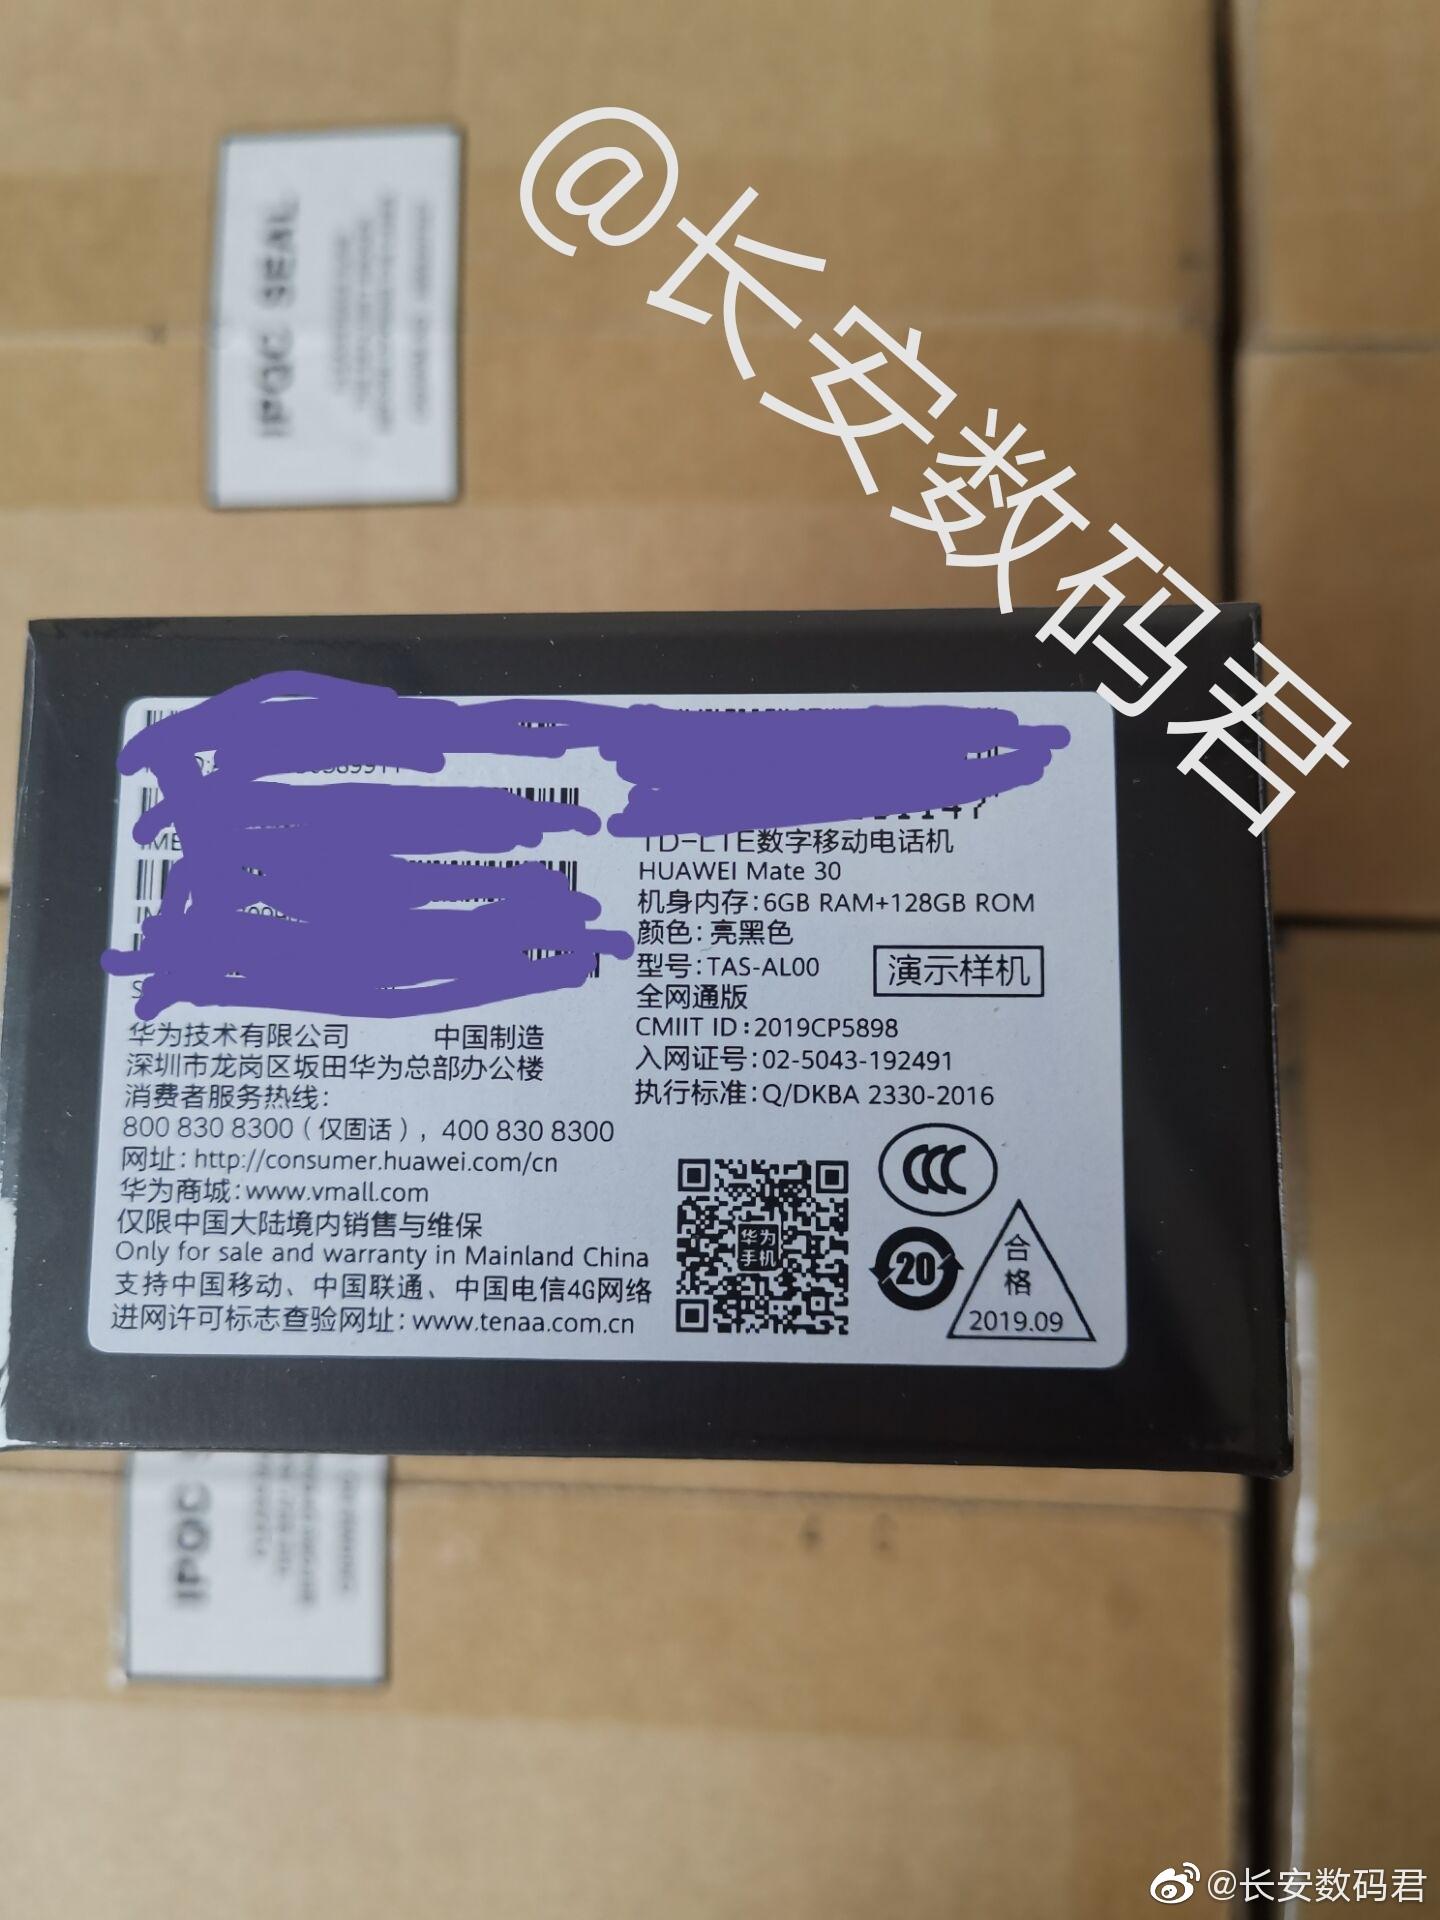 Huawei Mate 30 zdjęcia opakowania plotki przecieki wycieki specyfikacja techniczna kiedy premiera